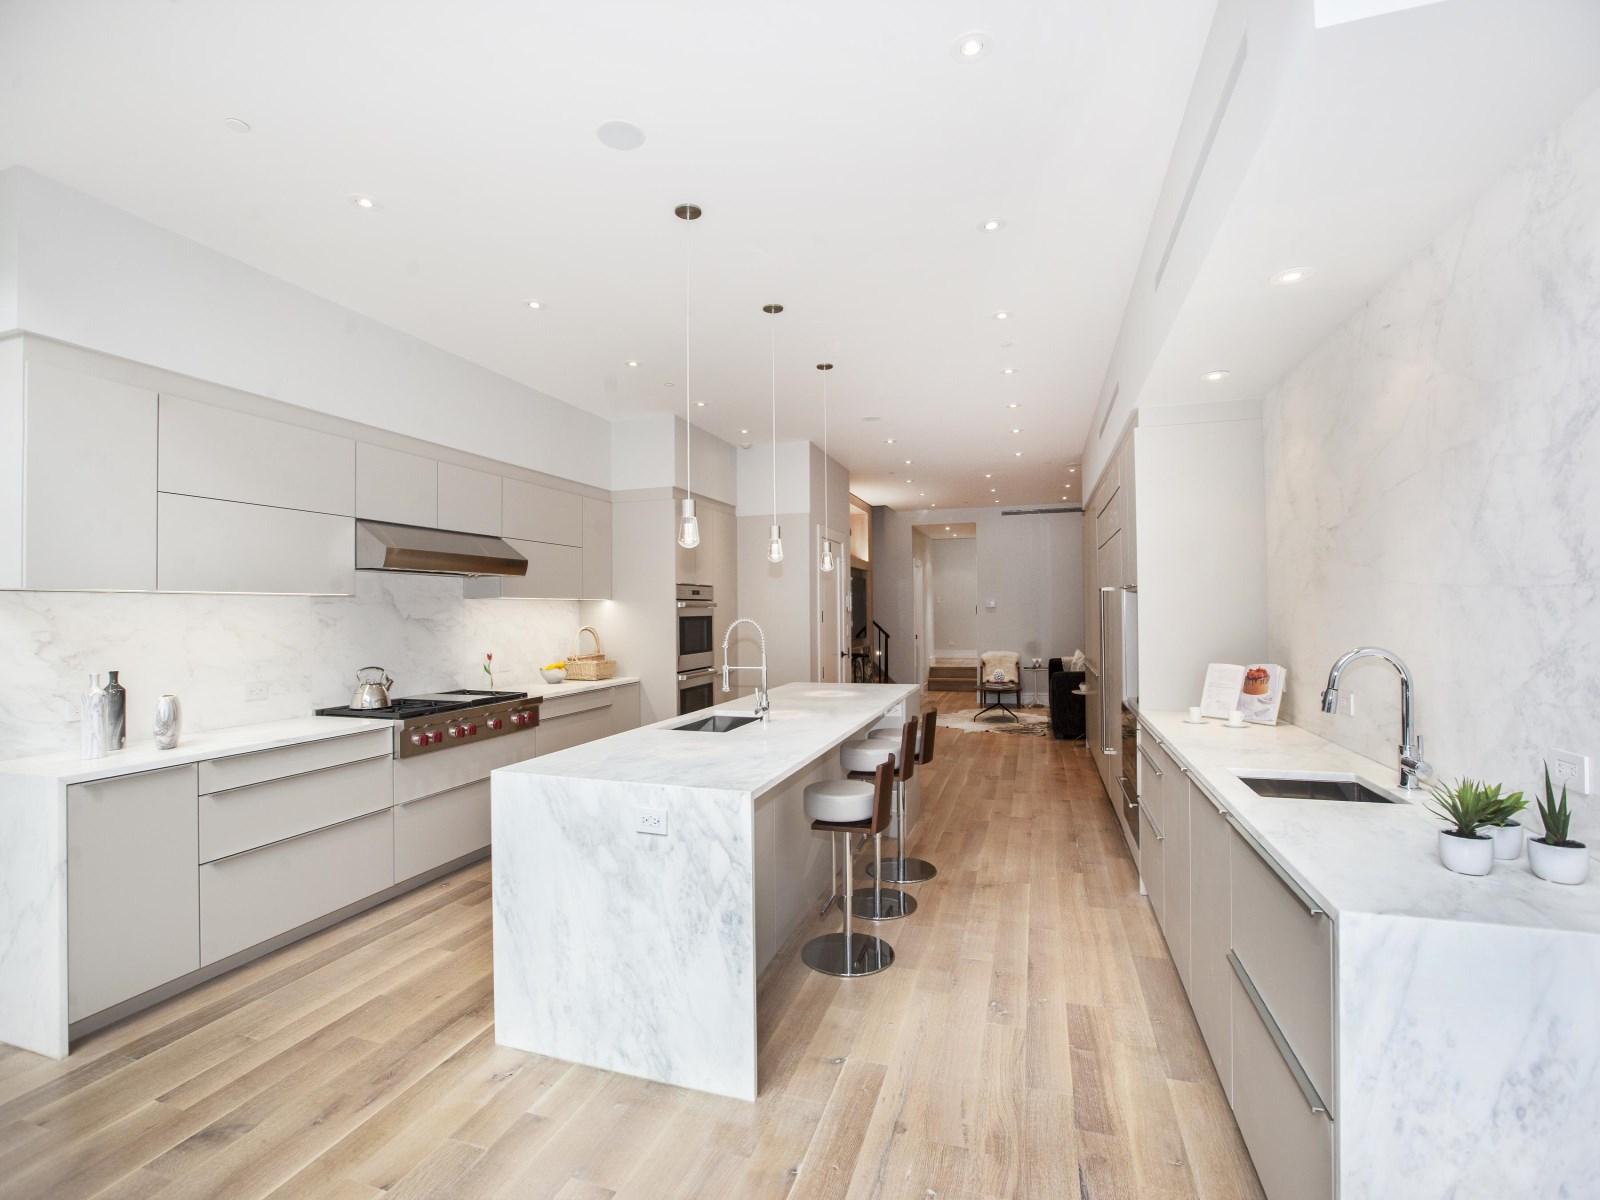 00_kitchen03.jpg